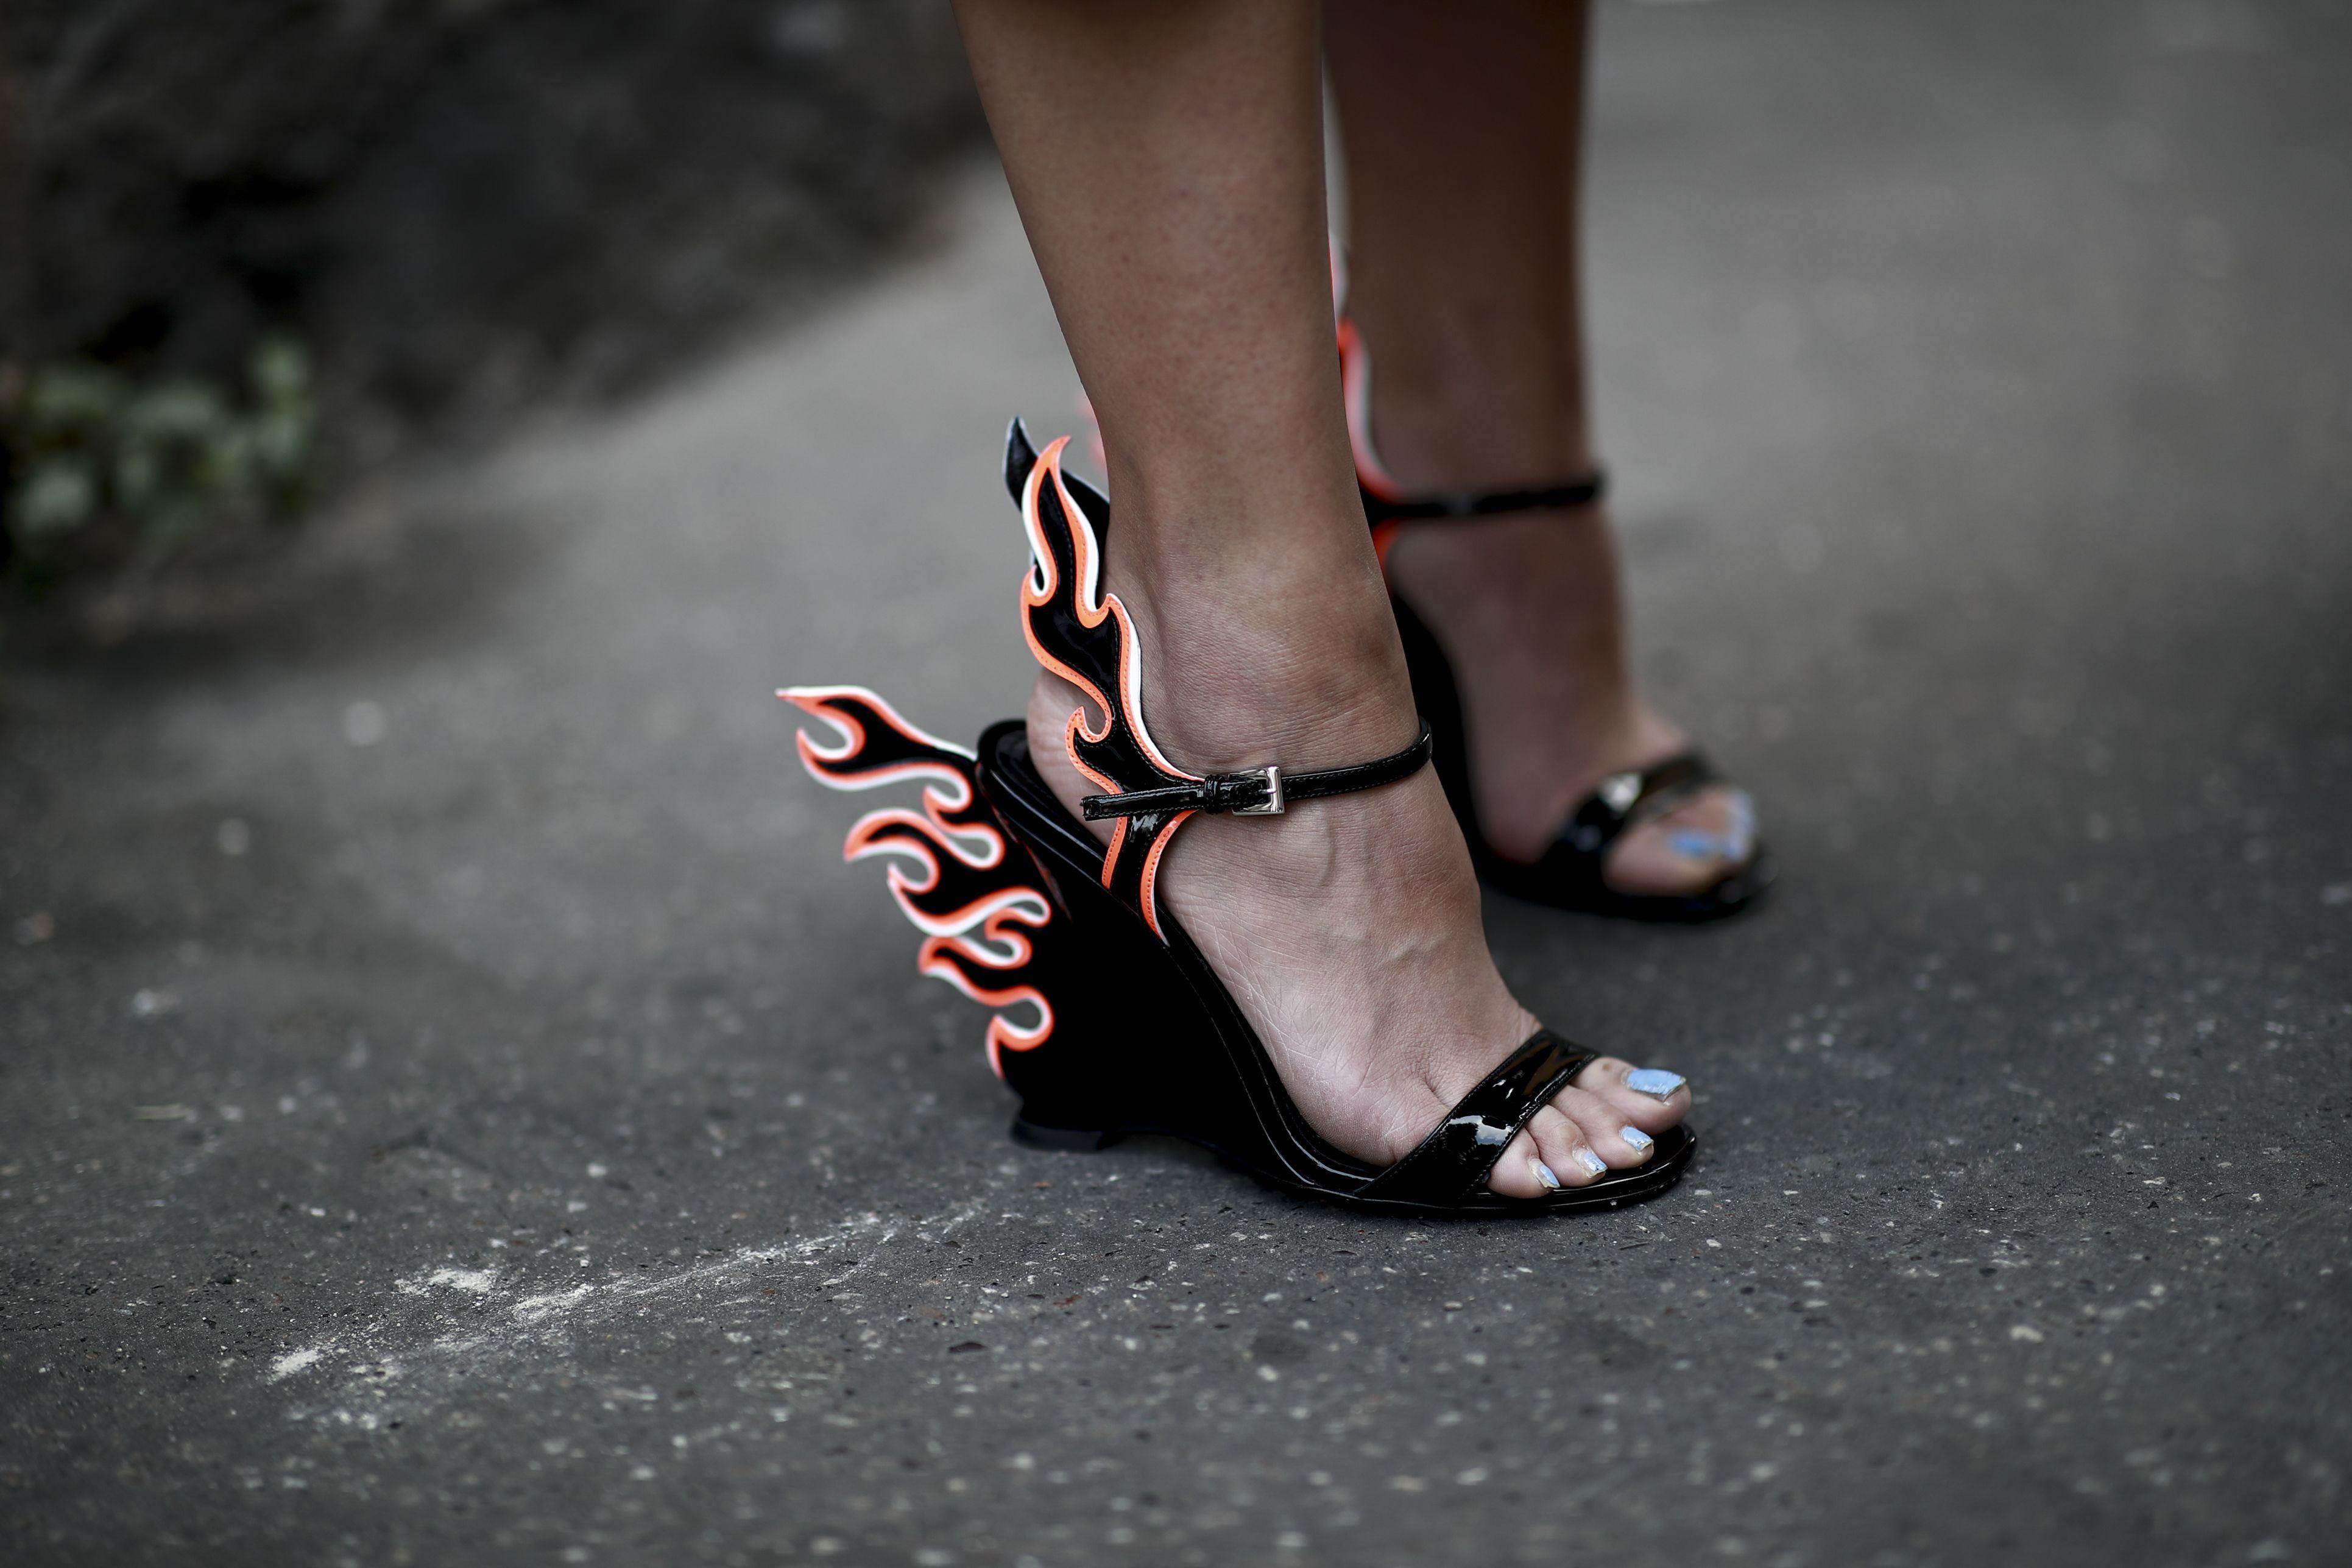 milan fashion week SS19 street style details